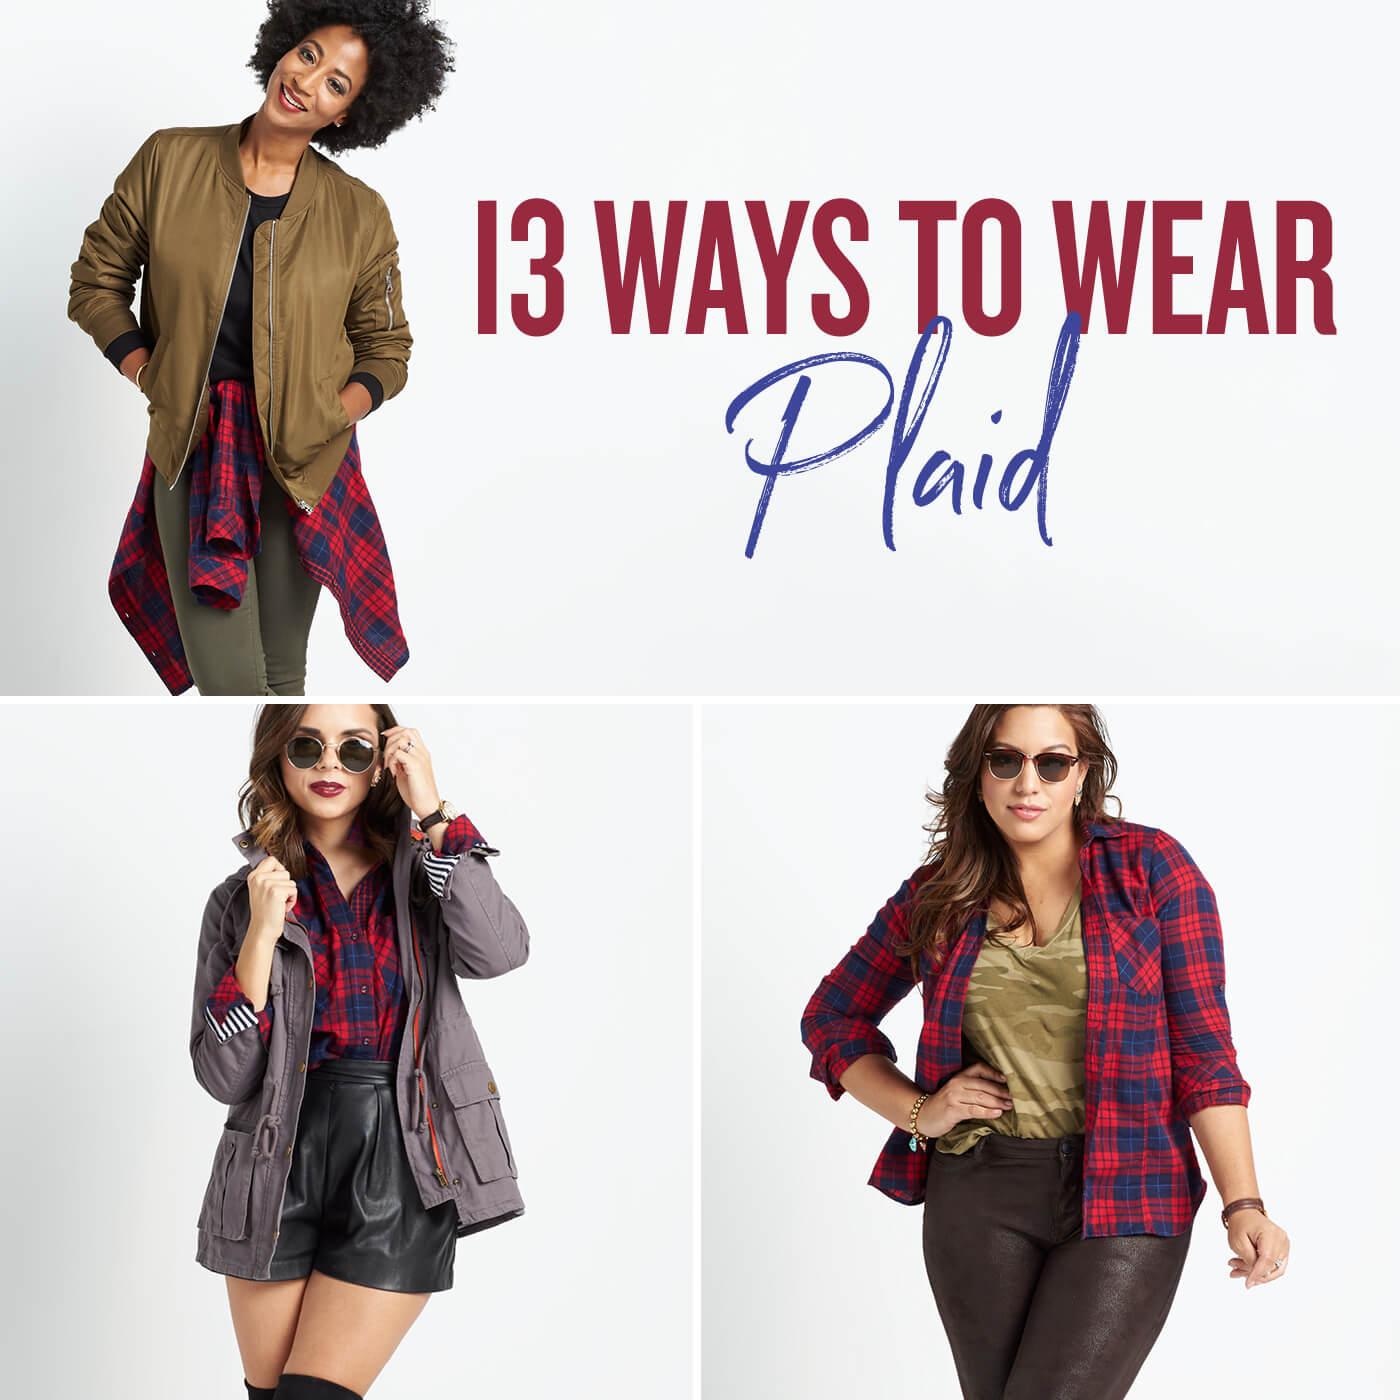 13 Ways To Wear Plaid